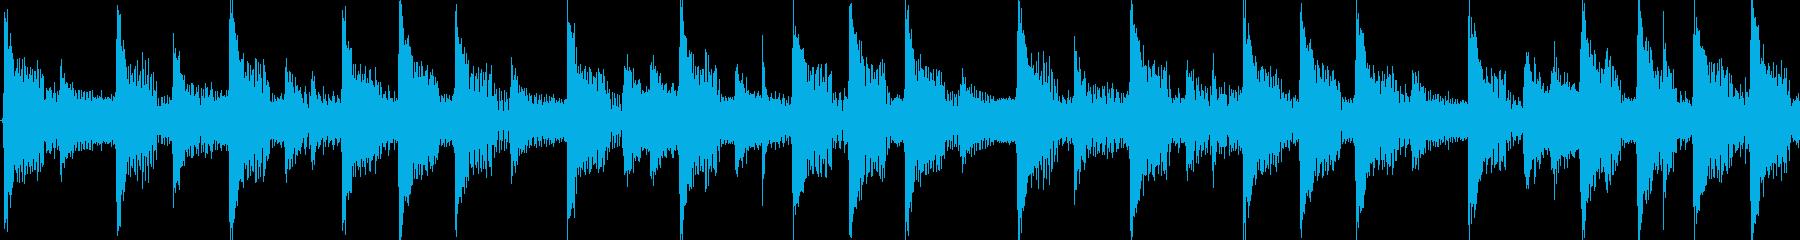 4つ打ちダンスの短いジングル(ループ)の再生済みの波形